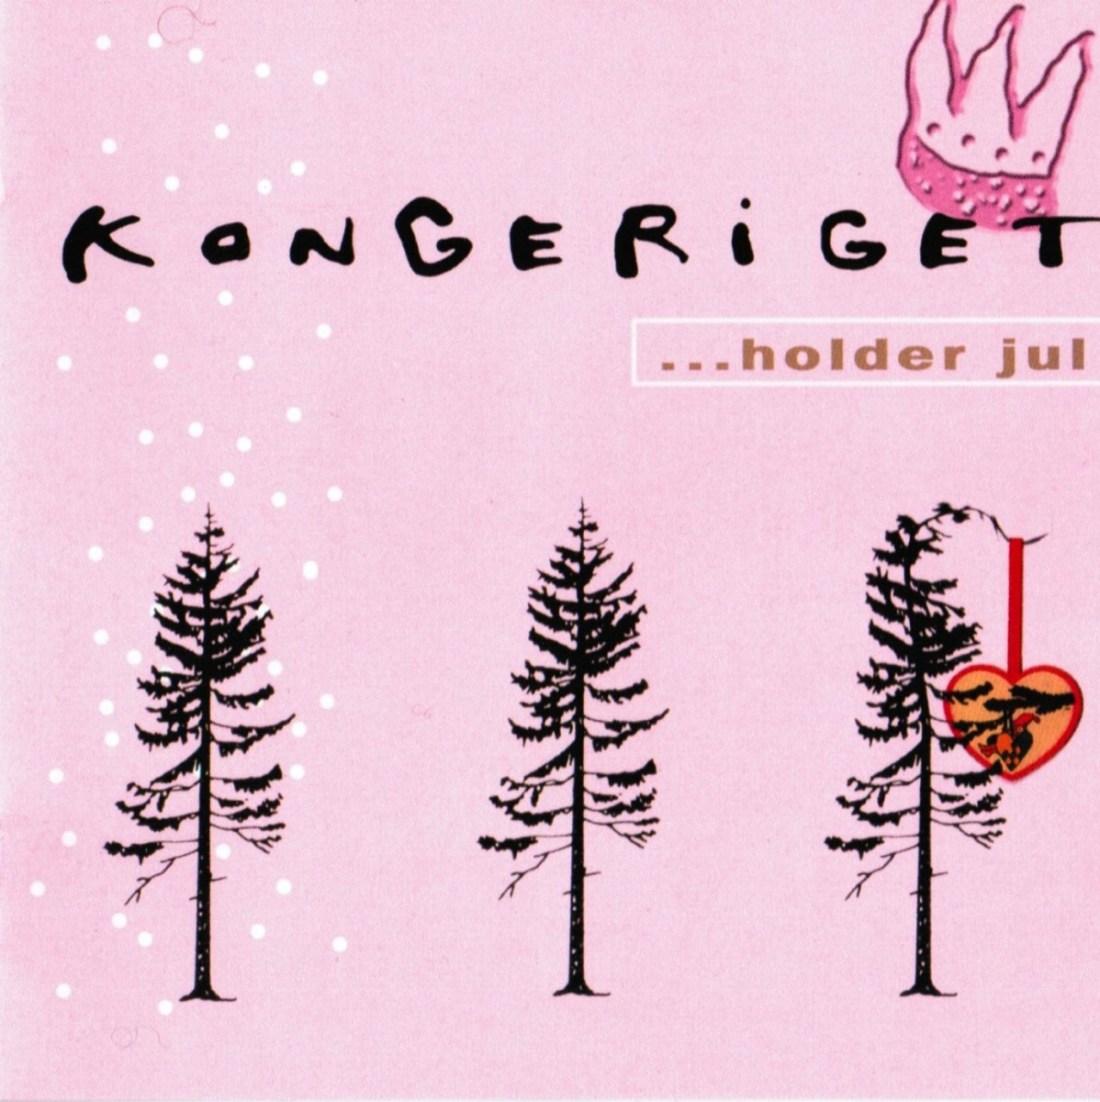 CD-Cover-KongerigetHolderJul